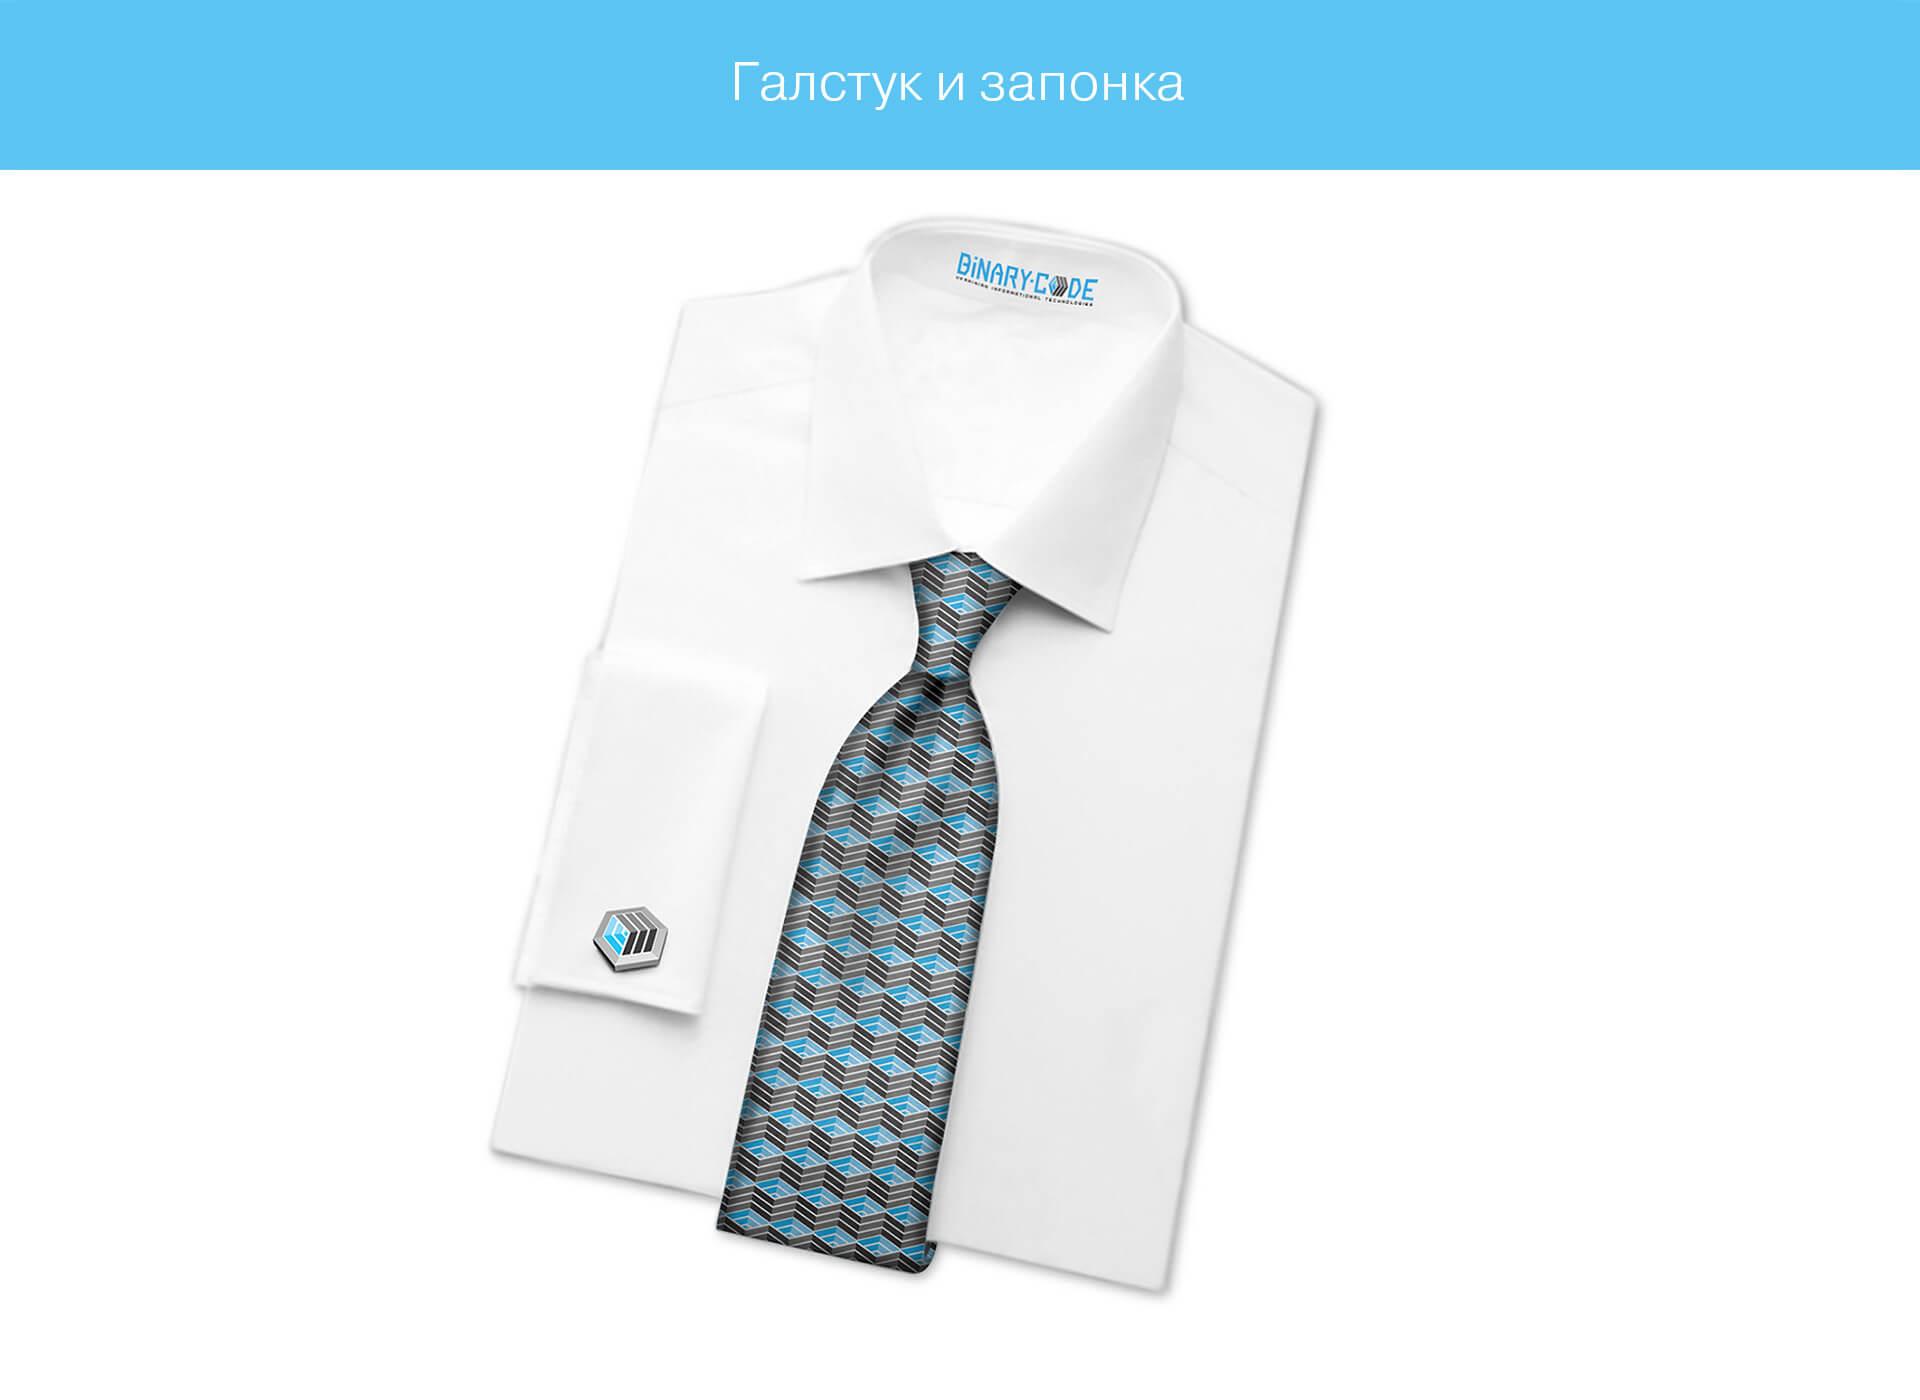 Разработка и создание дизайна галстук и запонок (брендинг) от Fantastic Imago брендиногове рекламное агентство